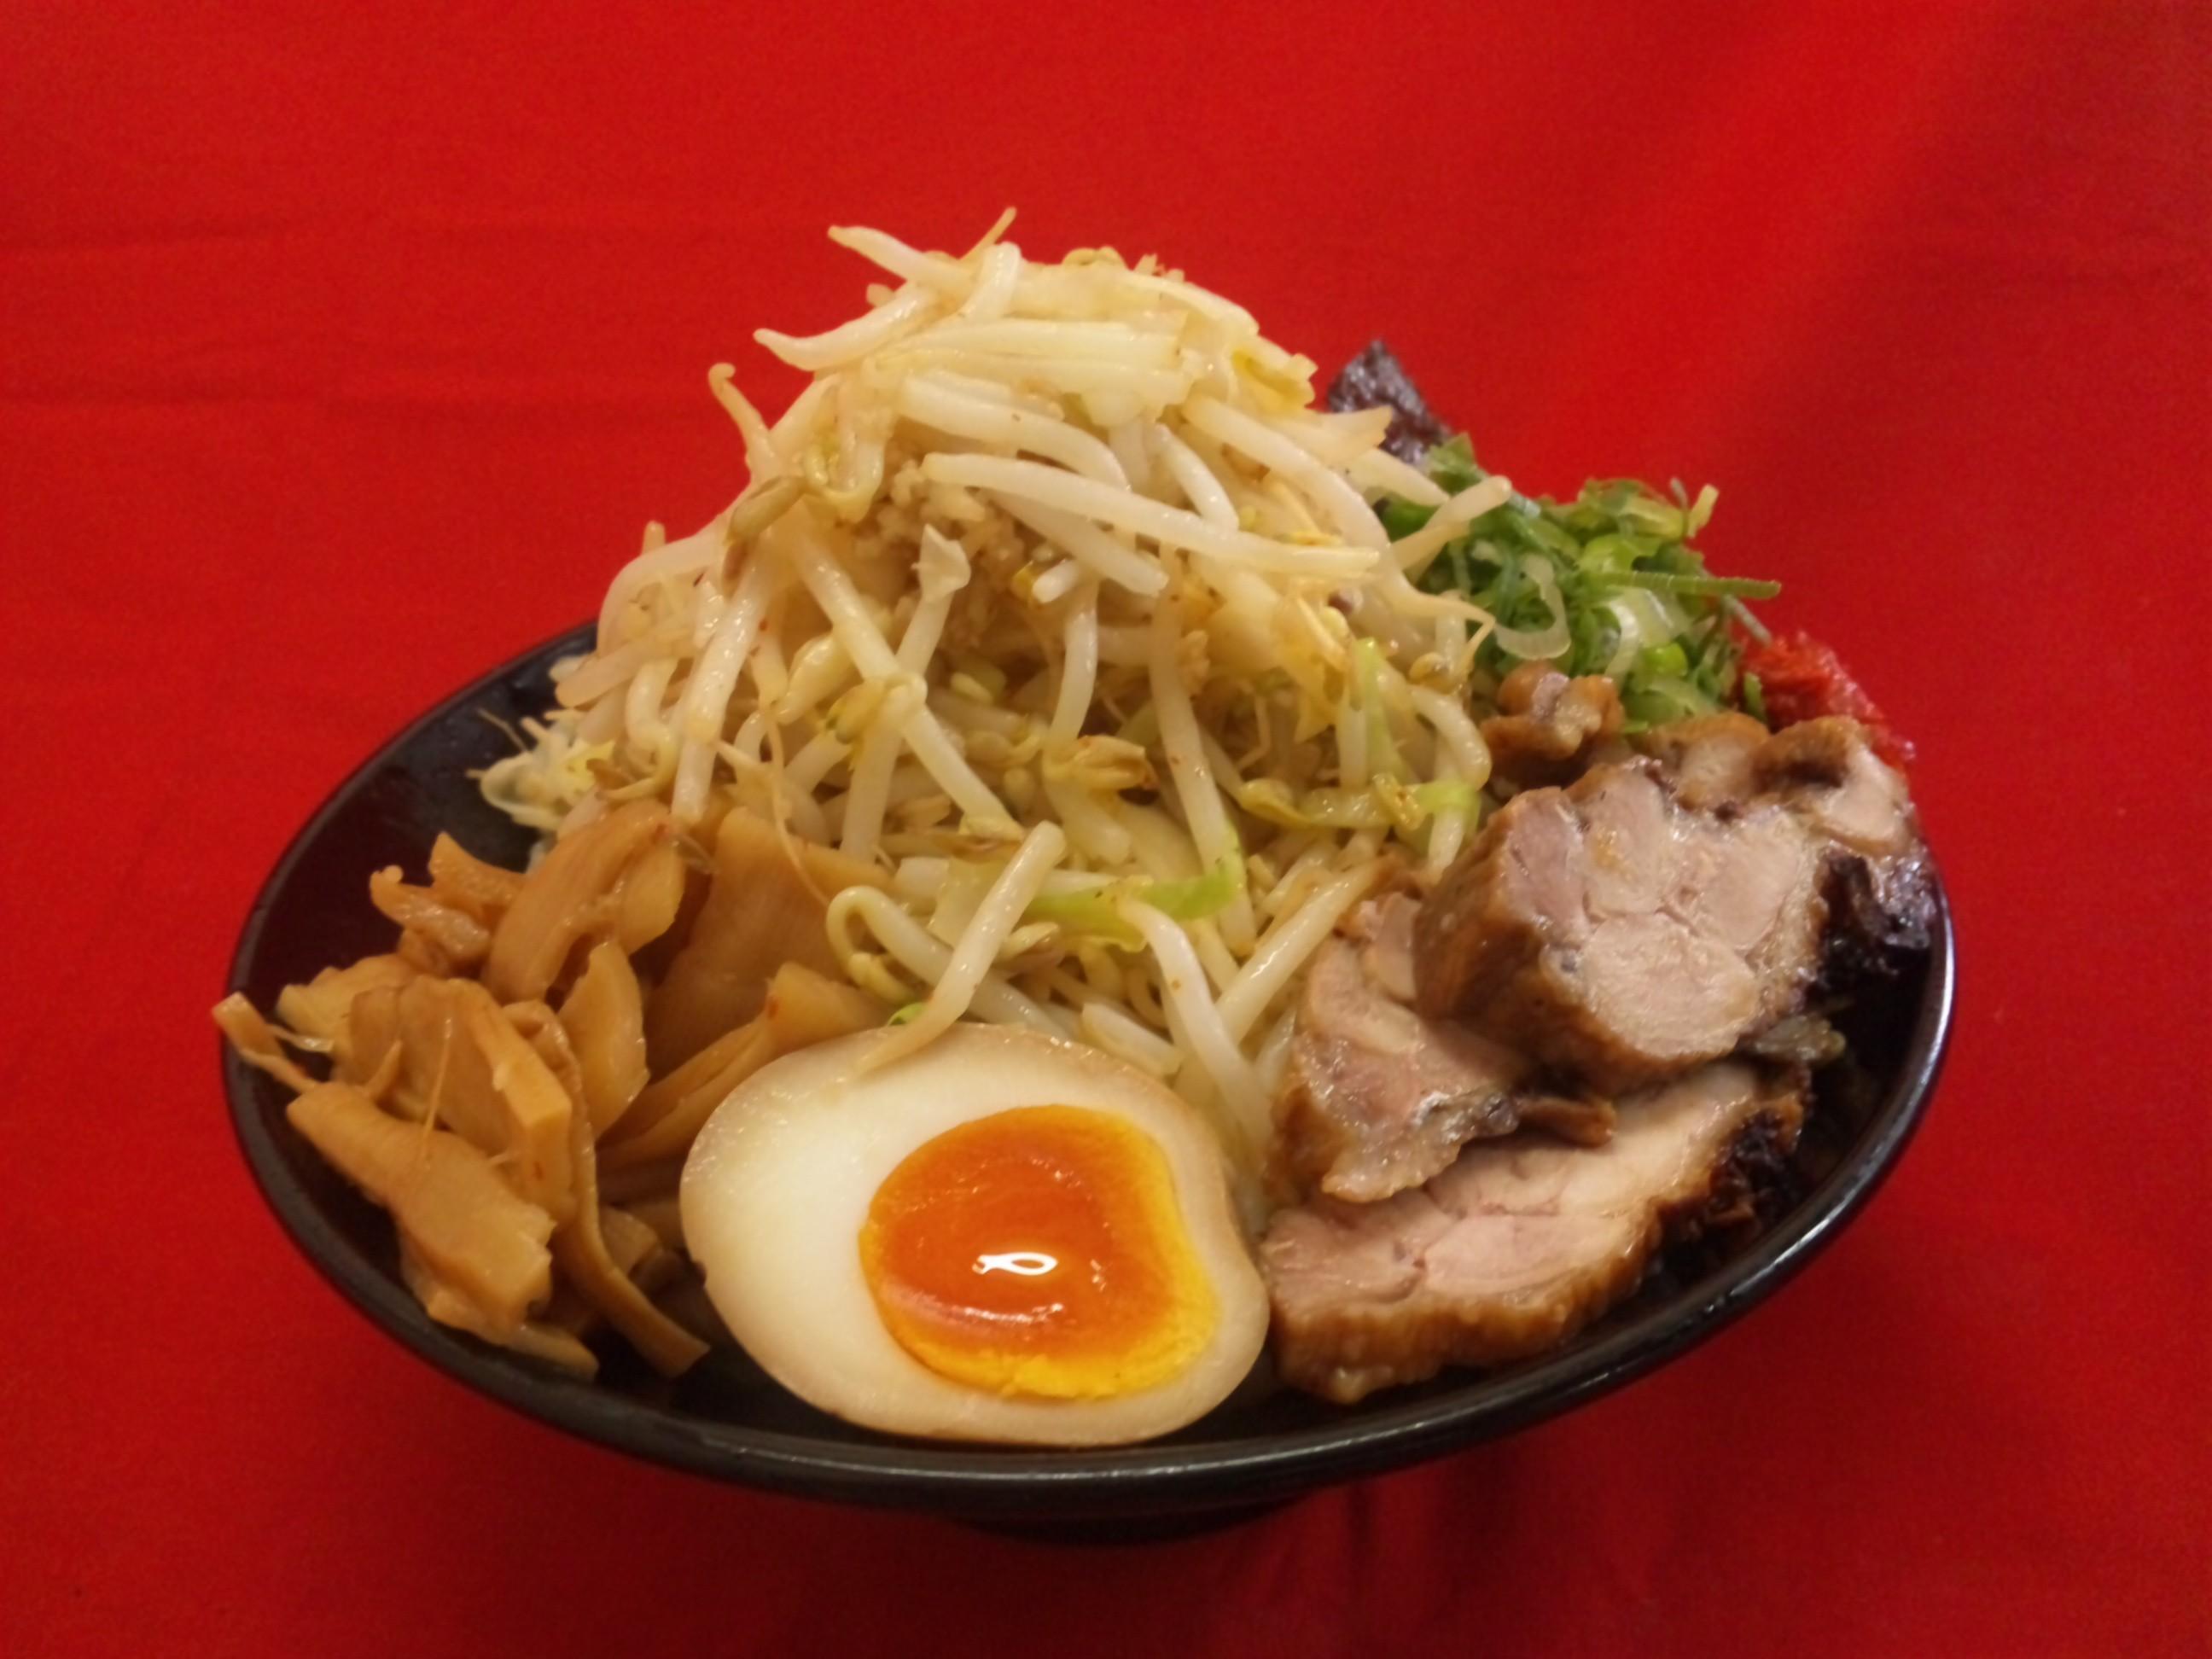 ラーメンつけ麺 金太郎 のアルバイト情報